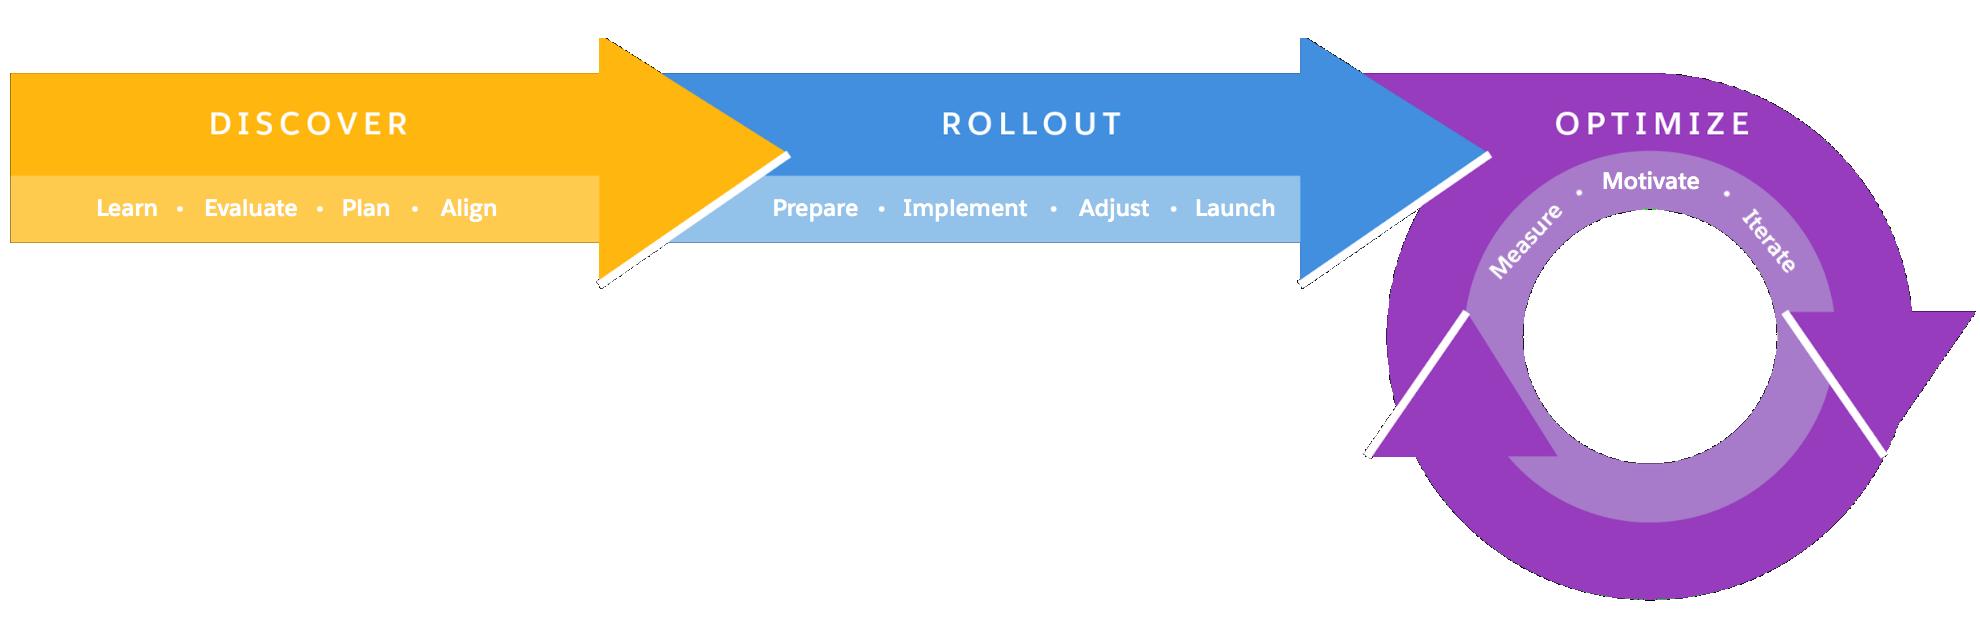 Abbildung der Phasen und Abschnitte im Framework für die Umstellung auf Lightning Experience